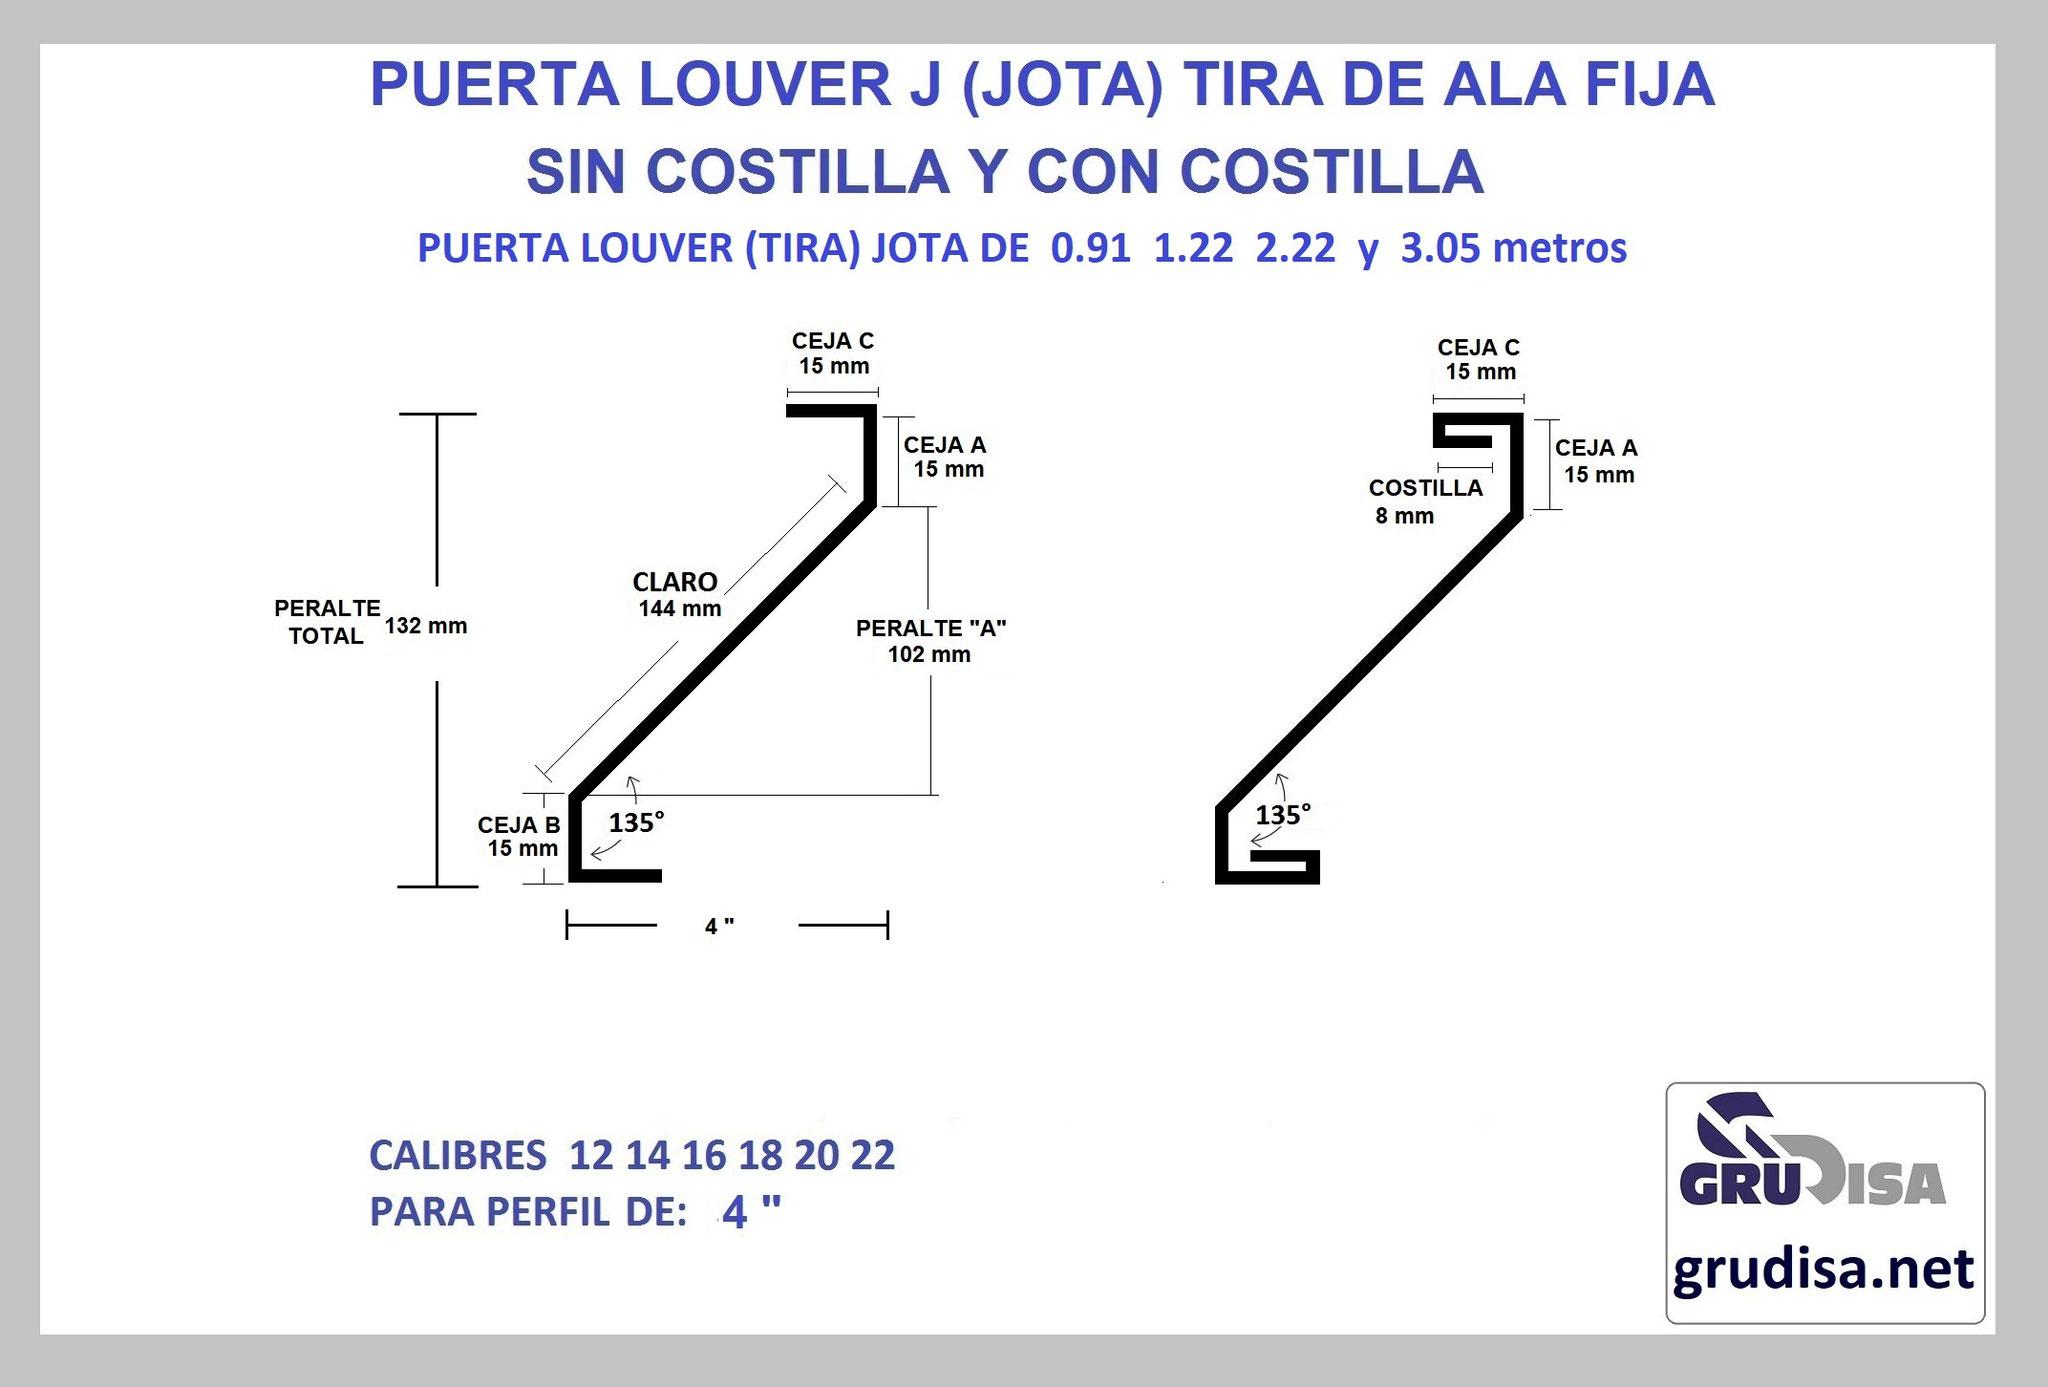 """PUERTA LOUVER (TIRA) J JOTA PARA PERFIL DE 4"""" CON Y SIN COSTILLA LARGOS DE 0.91  1.22  2.44  y 3.05m"""